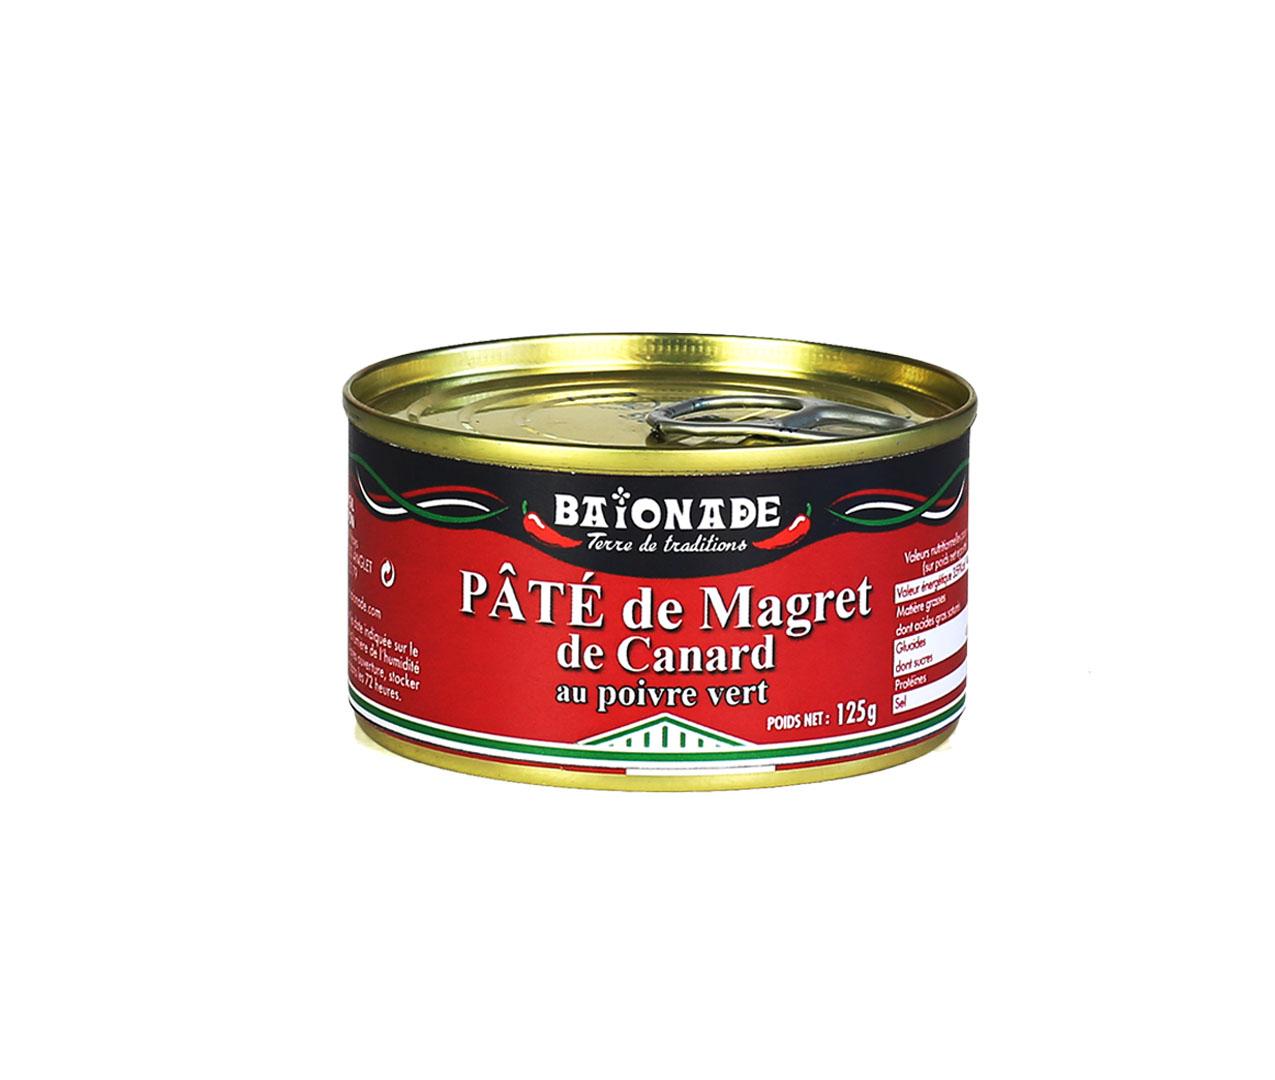 Pâté de magret de canard au poivre vert Baïonade